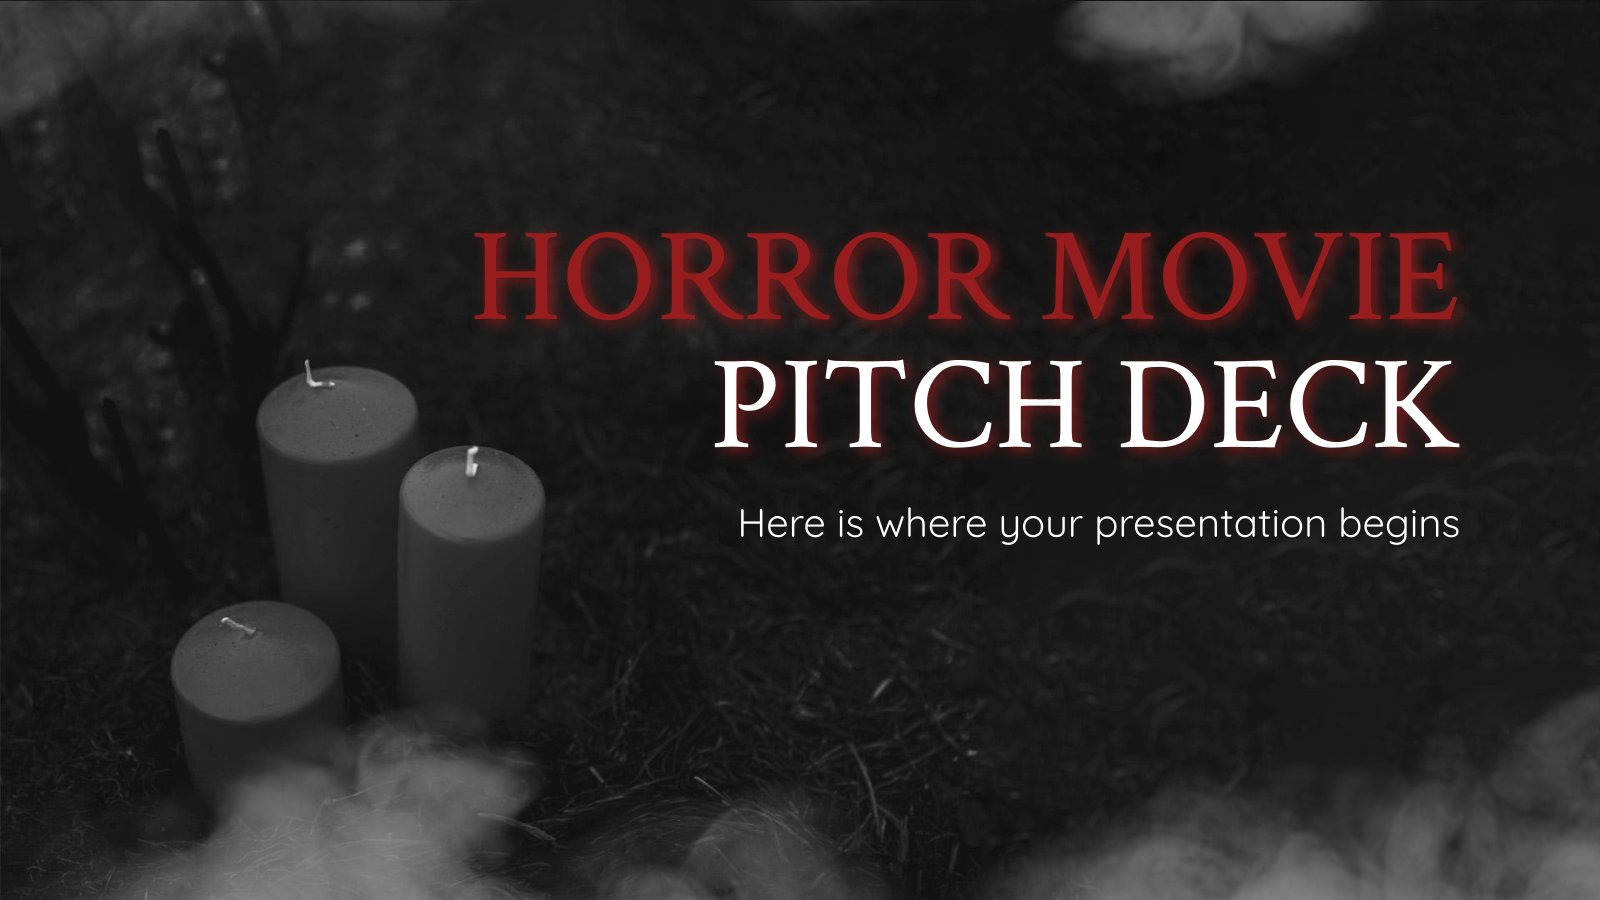 Plantilla de presentación Pitch deck para películas de terror